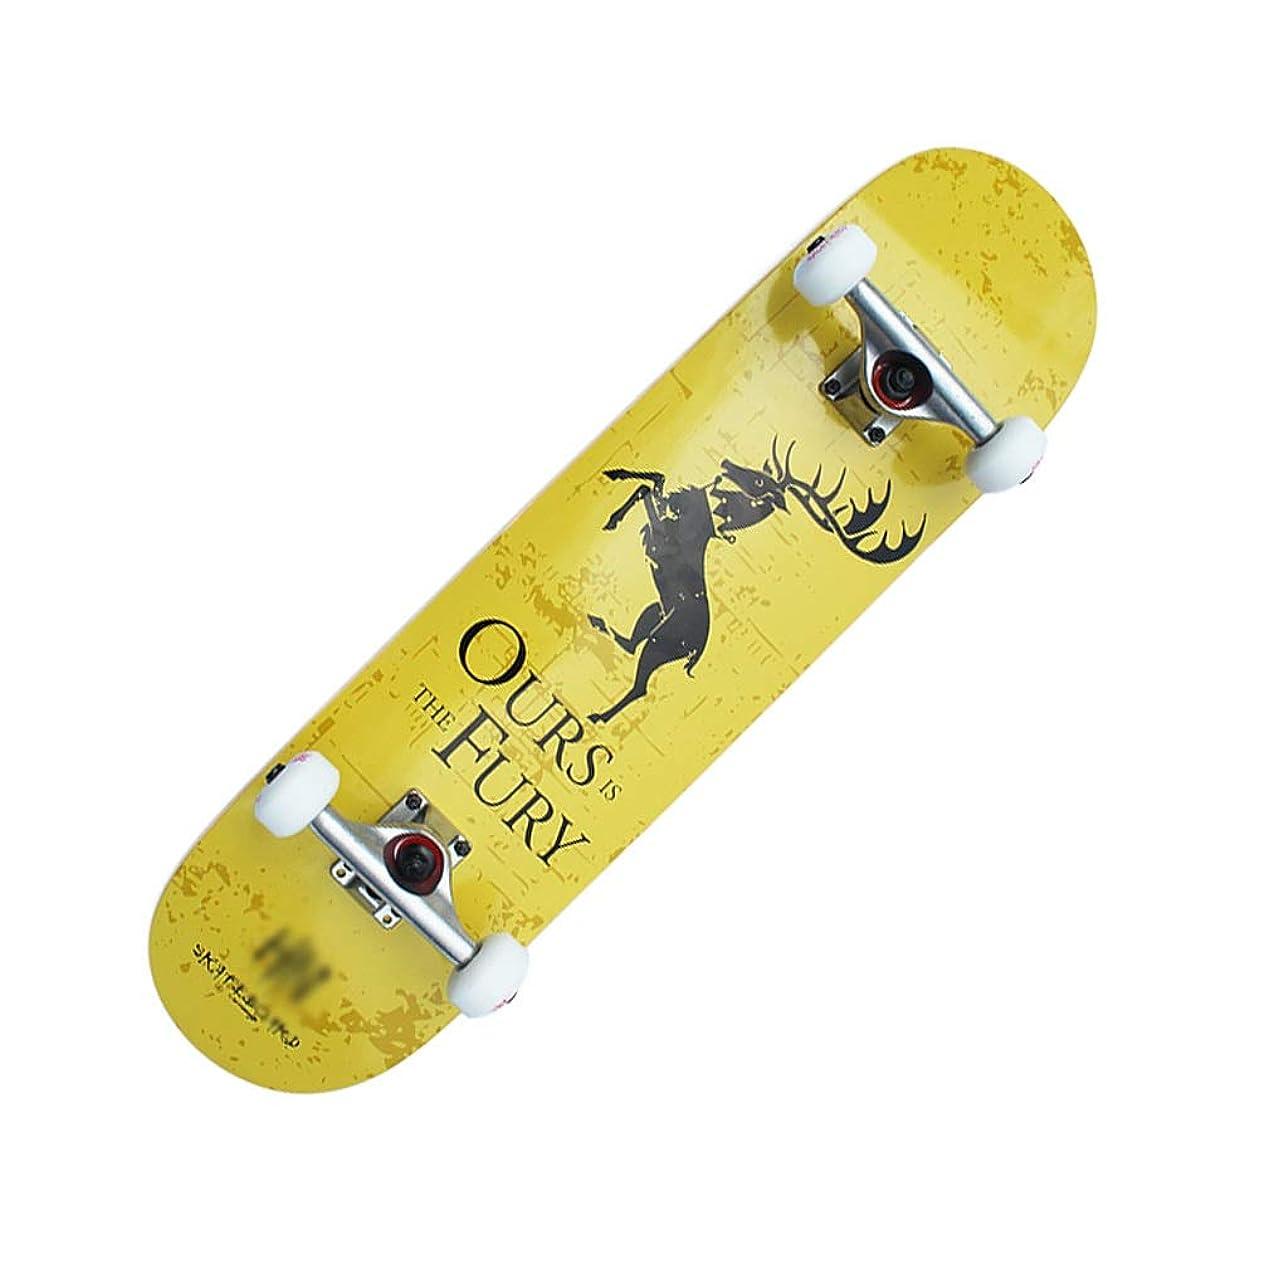 セールライオン服を着るLIUFS-スケートボード ティーンエイジャーの初心者向け31.5インチスケートボード仕上げ利点調整ツールを含むダブルロッカー凹面クルーズスキル - 鹿